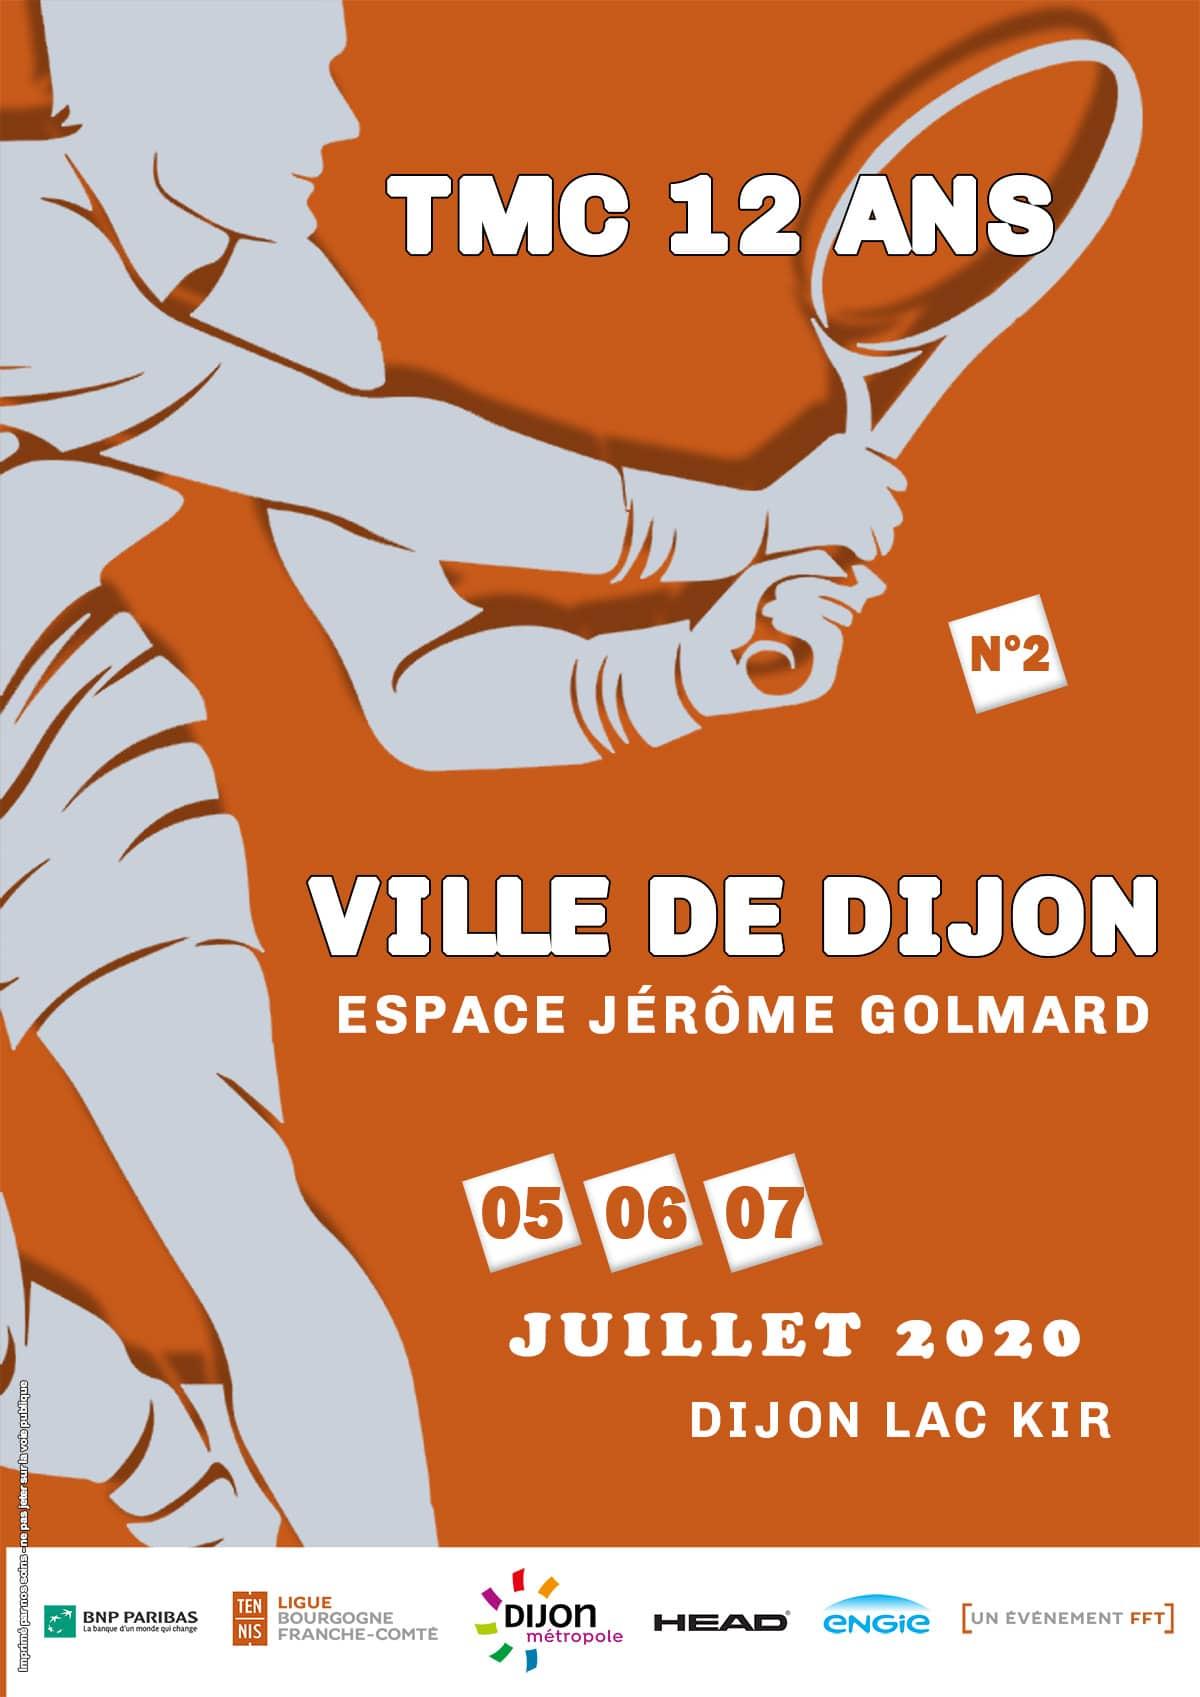 Affiche Tmc 12 Ans de la Ville de Dijon Juillet 2020